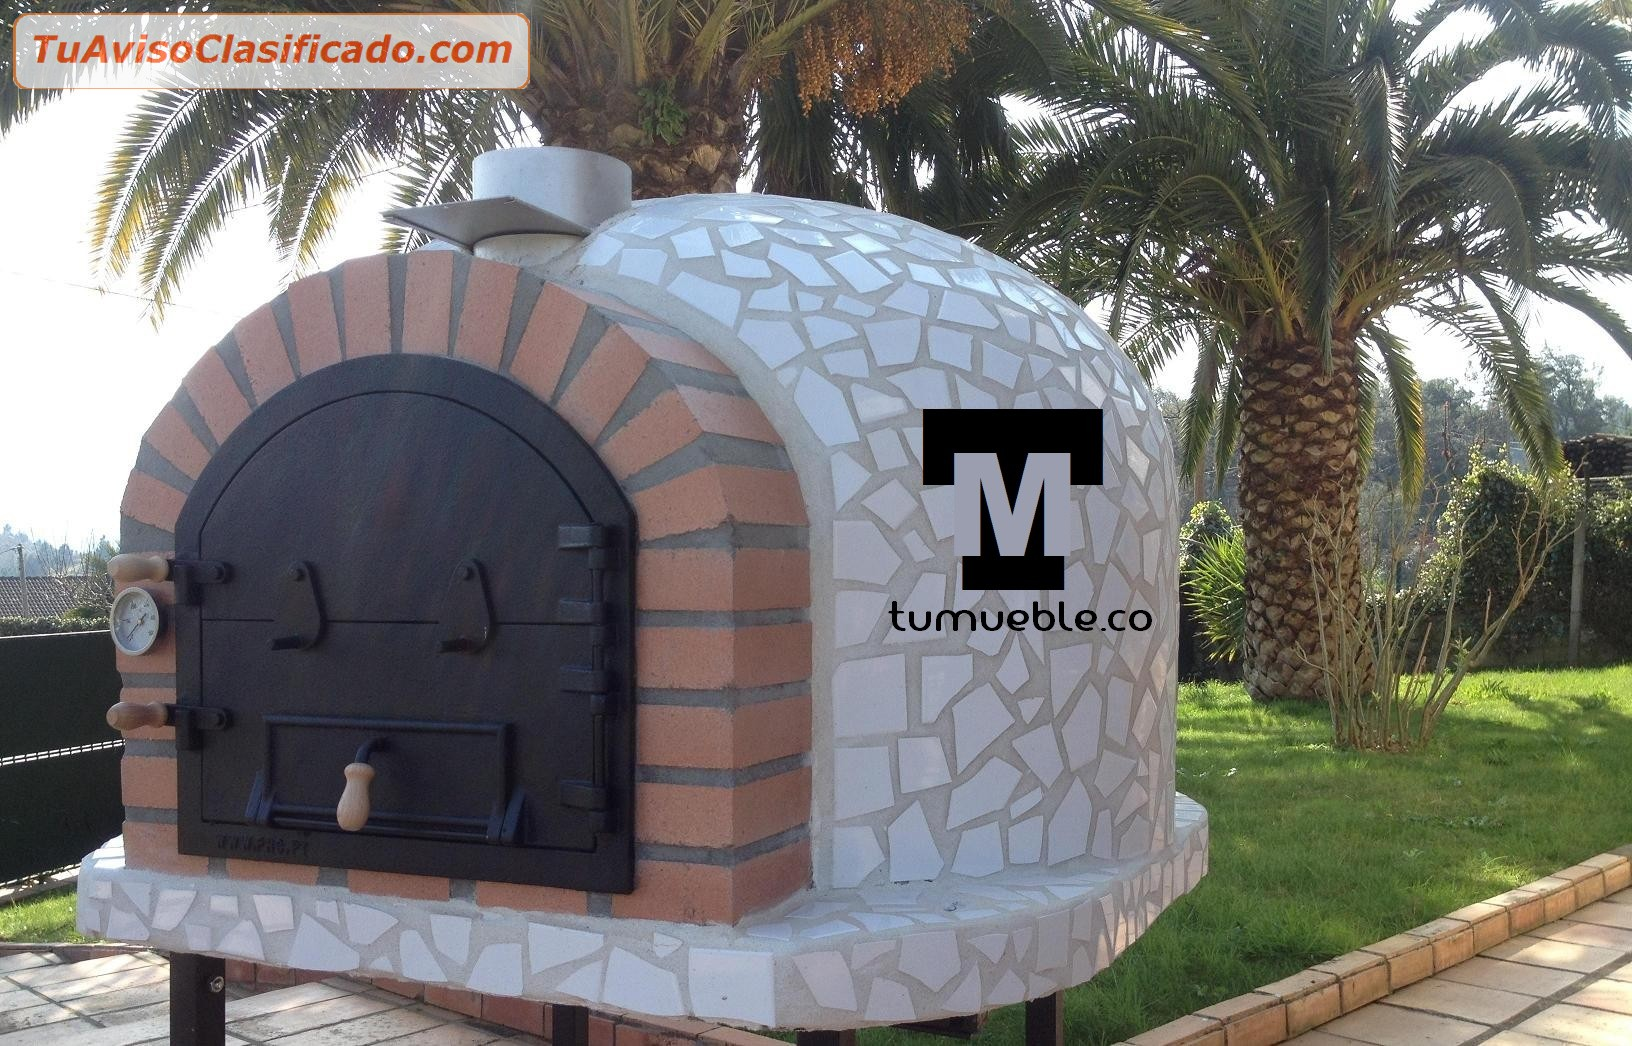 Hornos de le a colombia hornos para pizza hornos de barro empr - Horno casero de lena ...